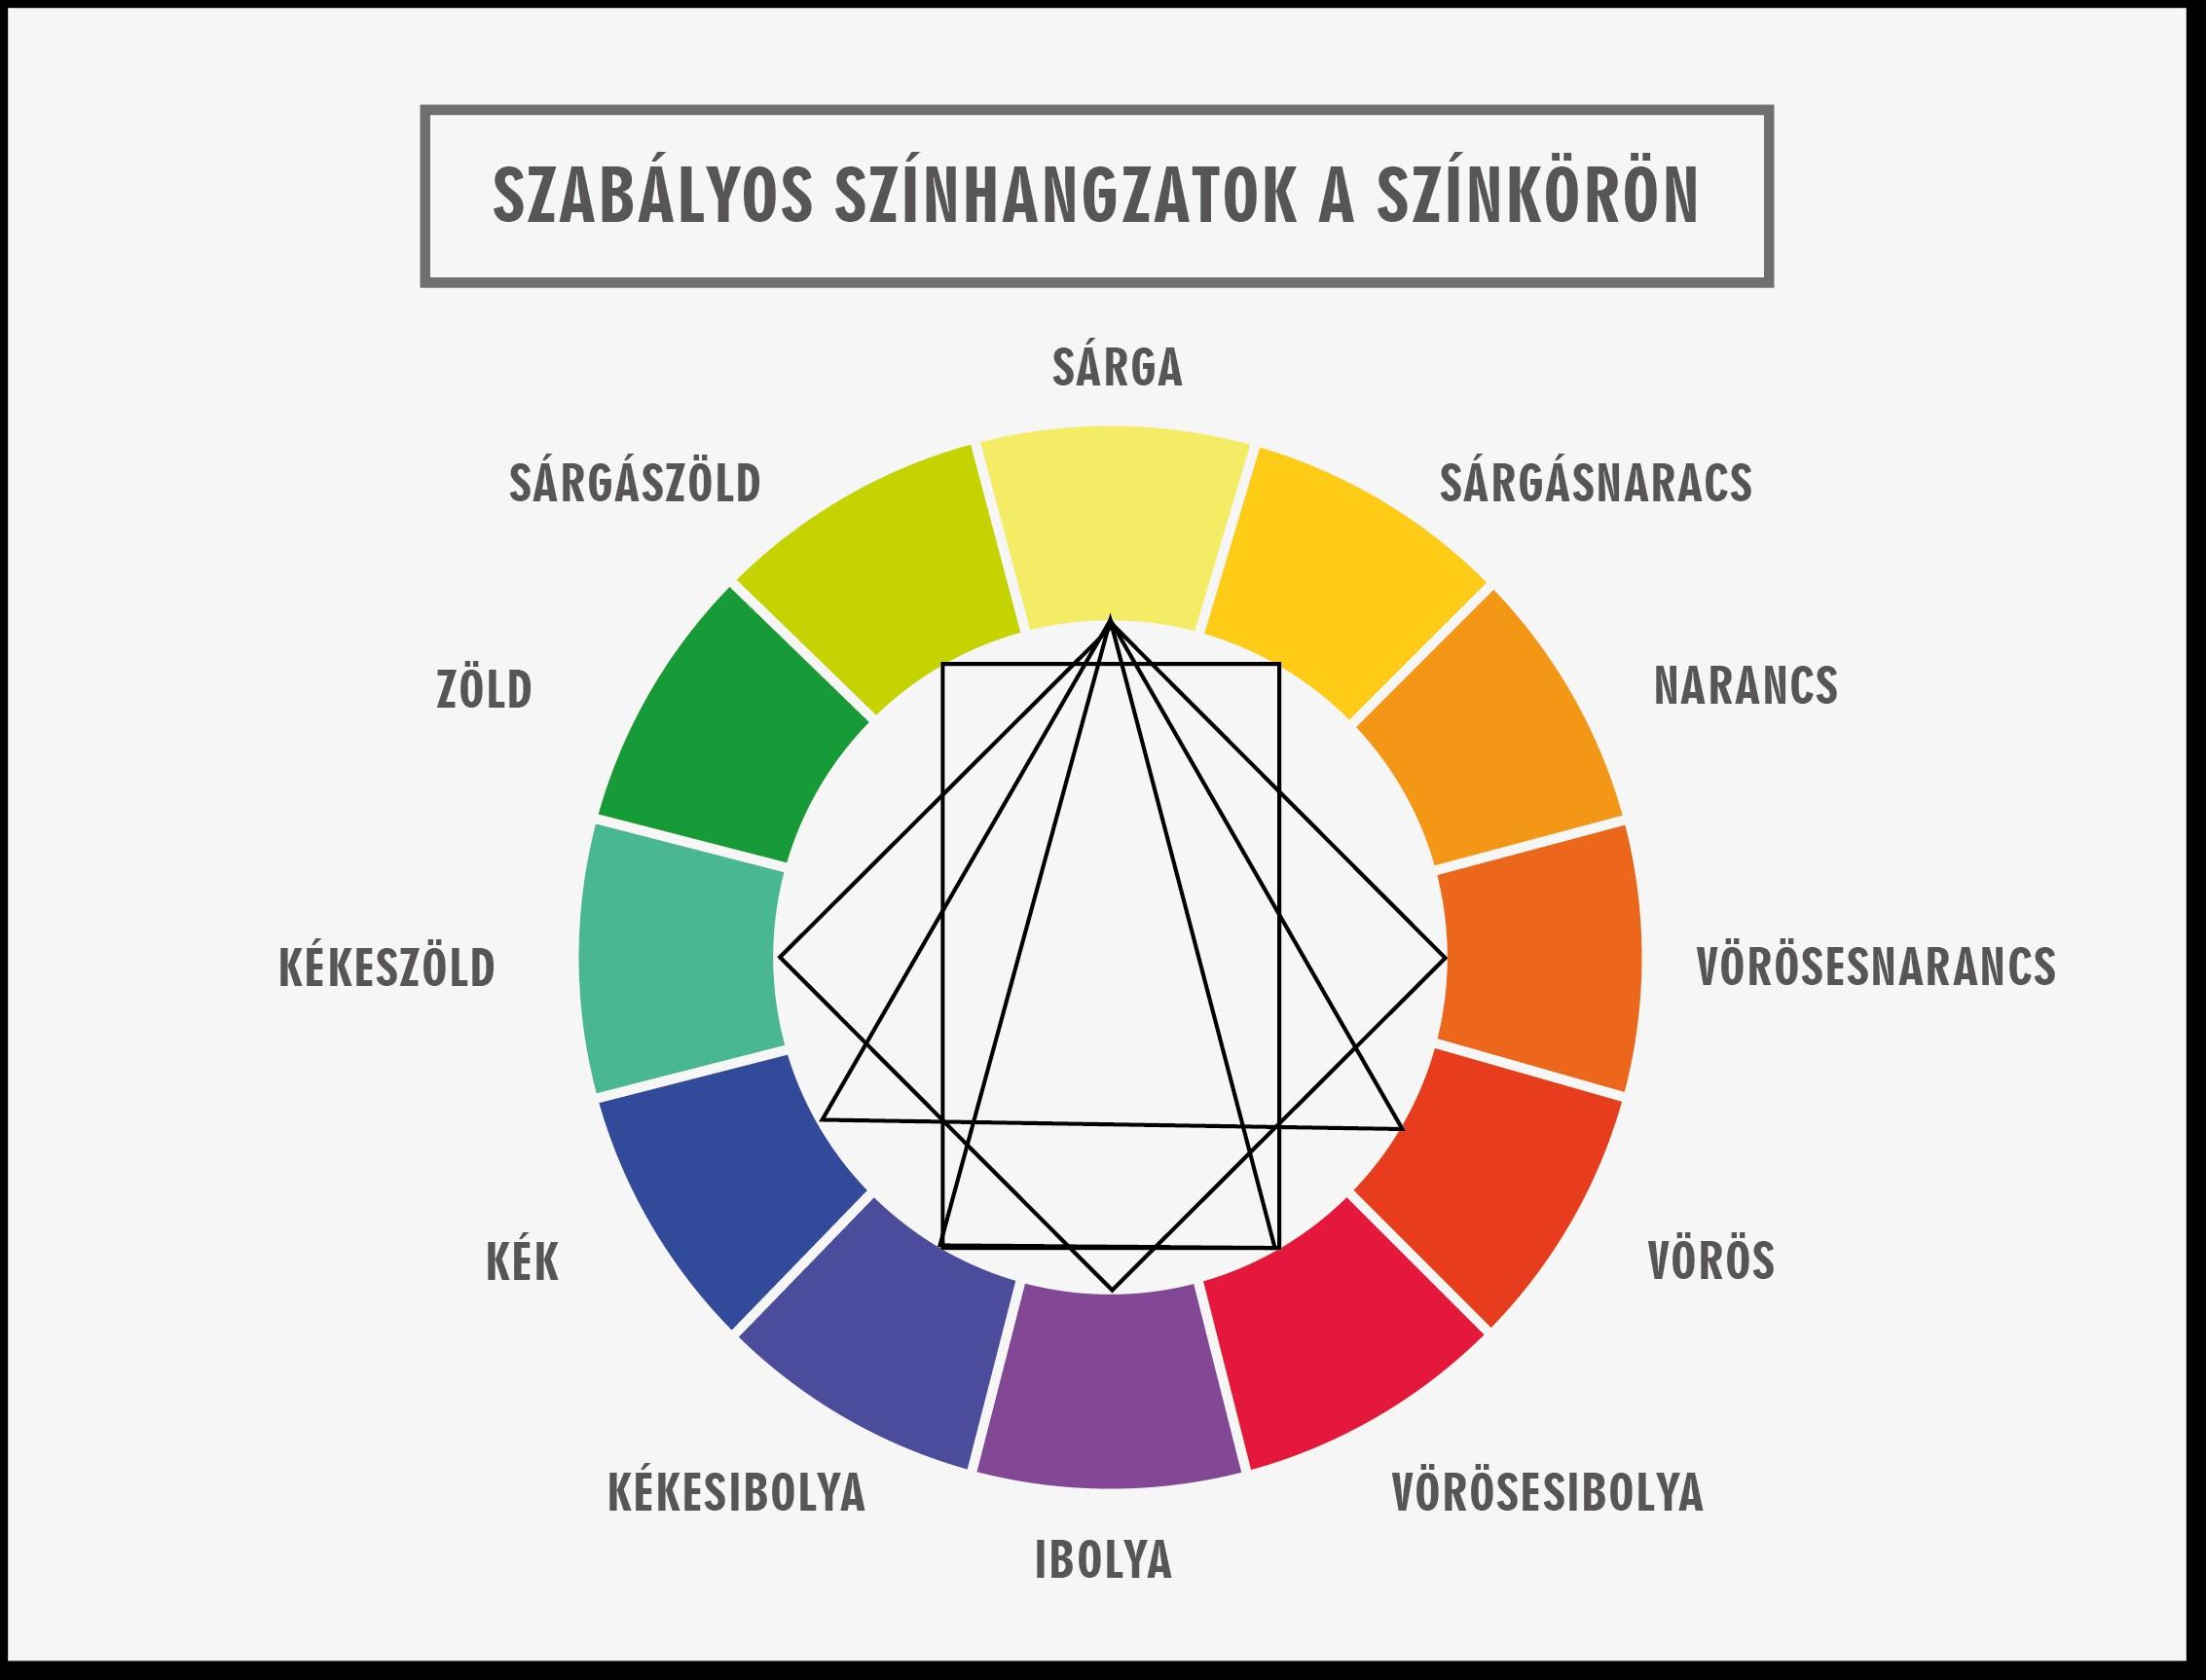 Szabályos színhangzatok a színkörön